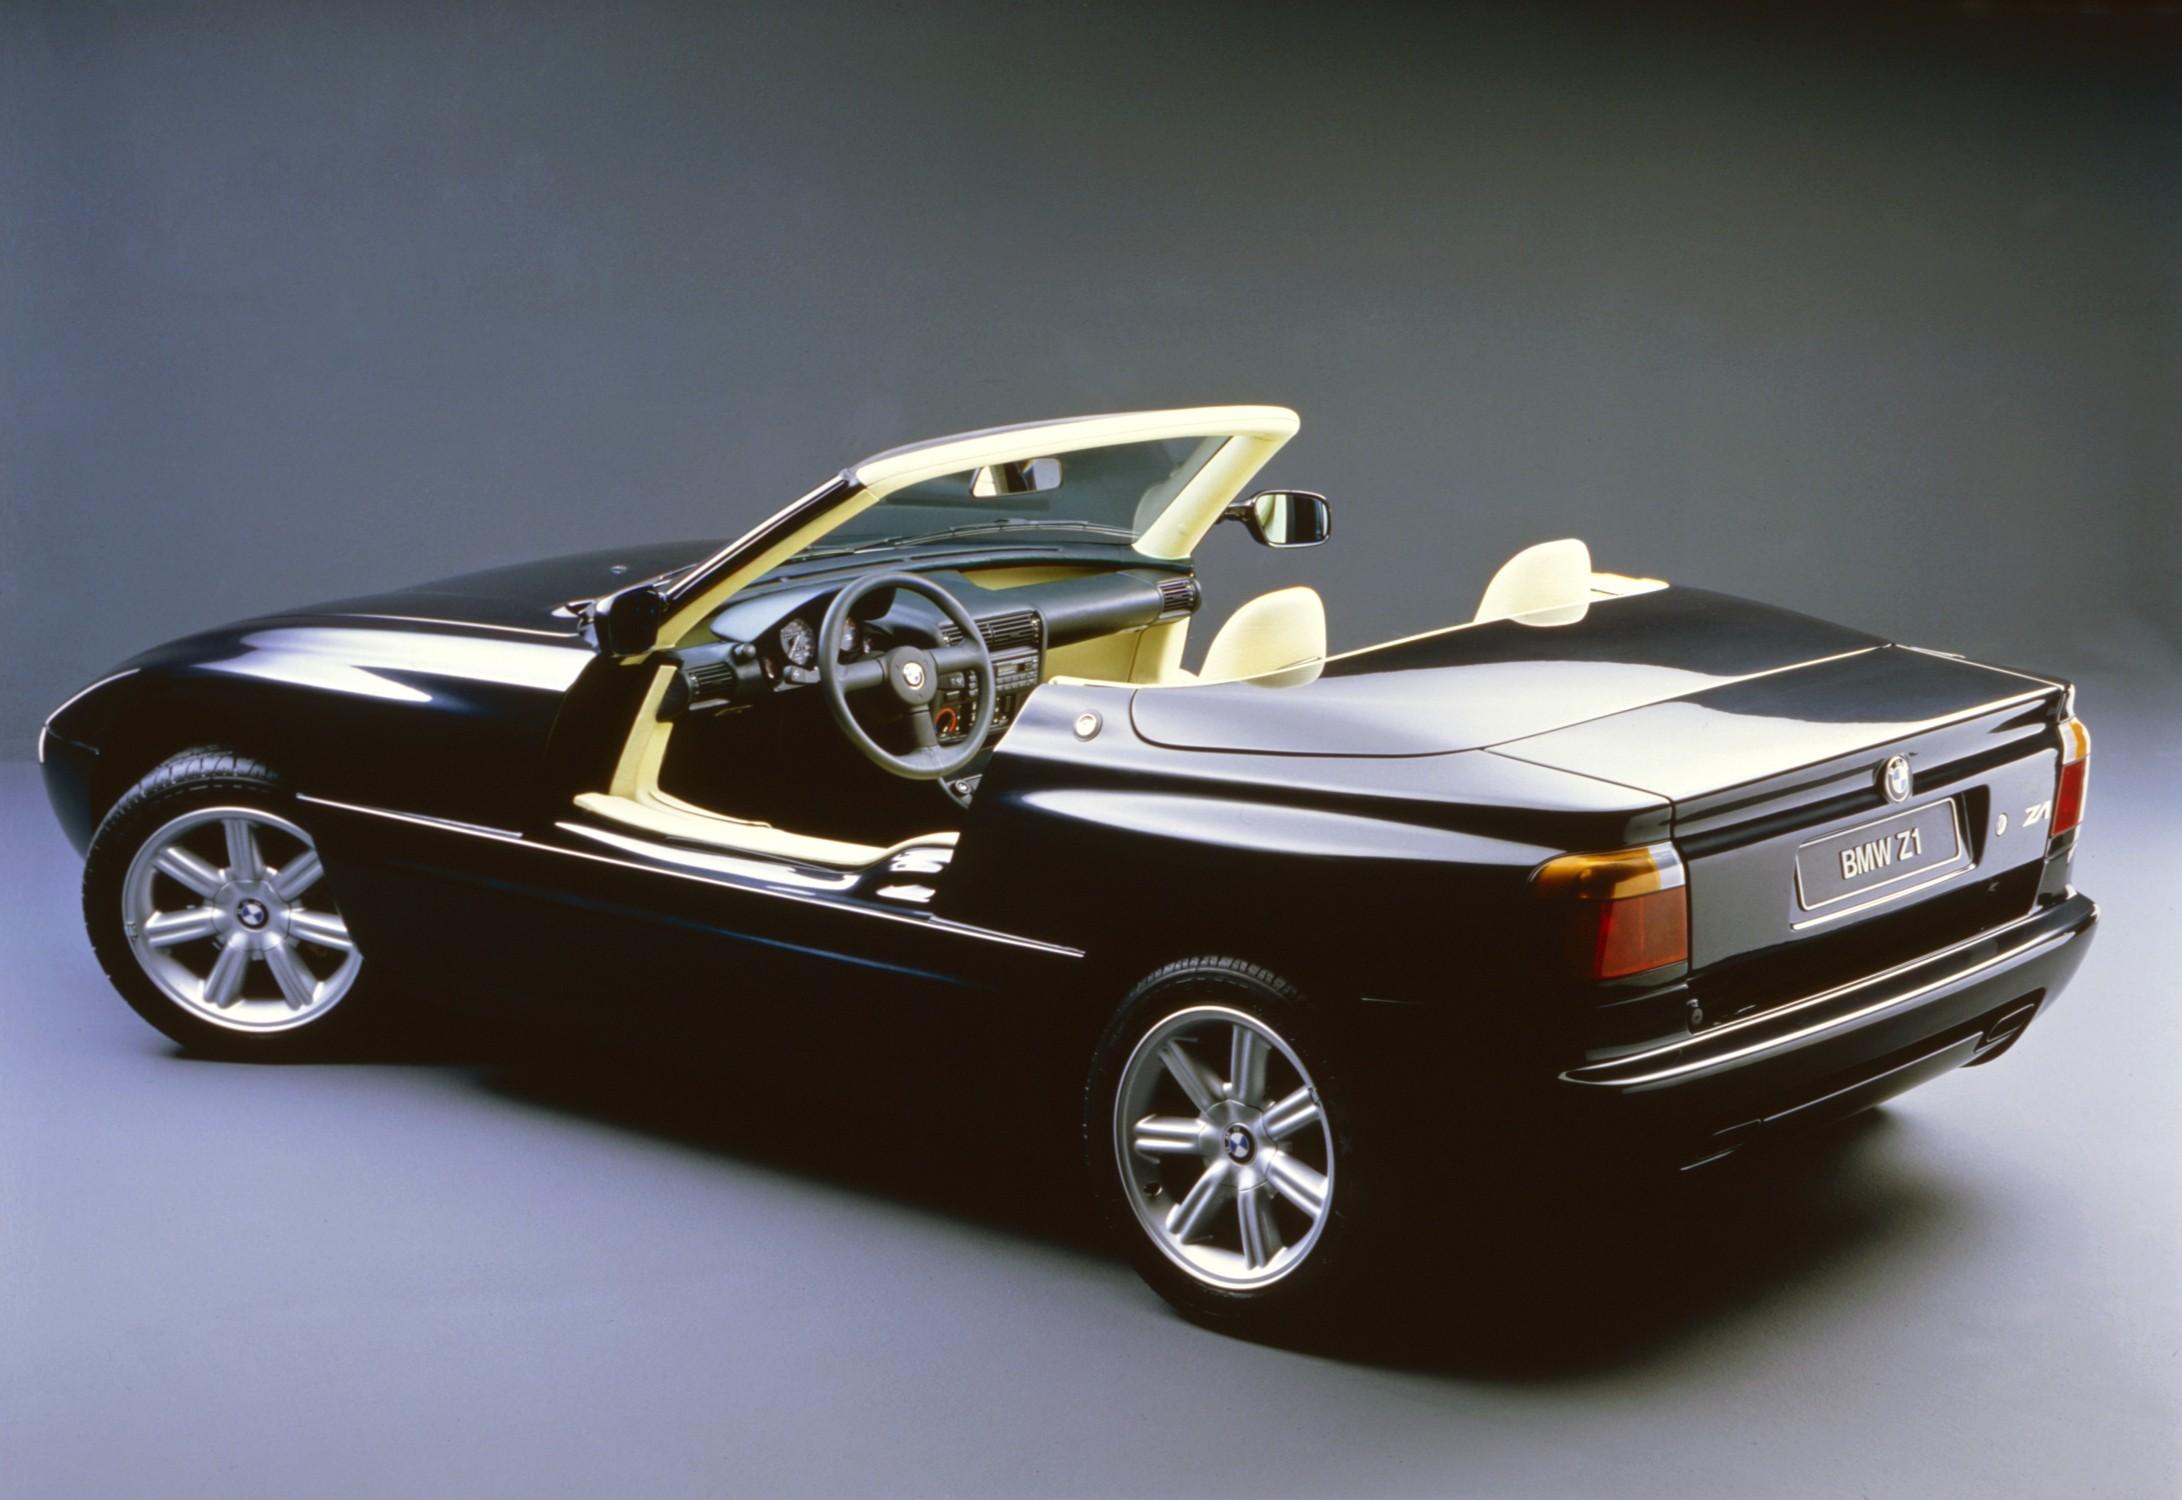 BMW Z1 Rear